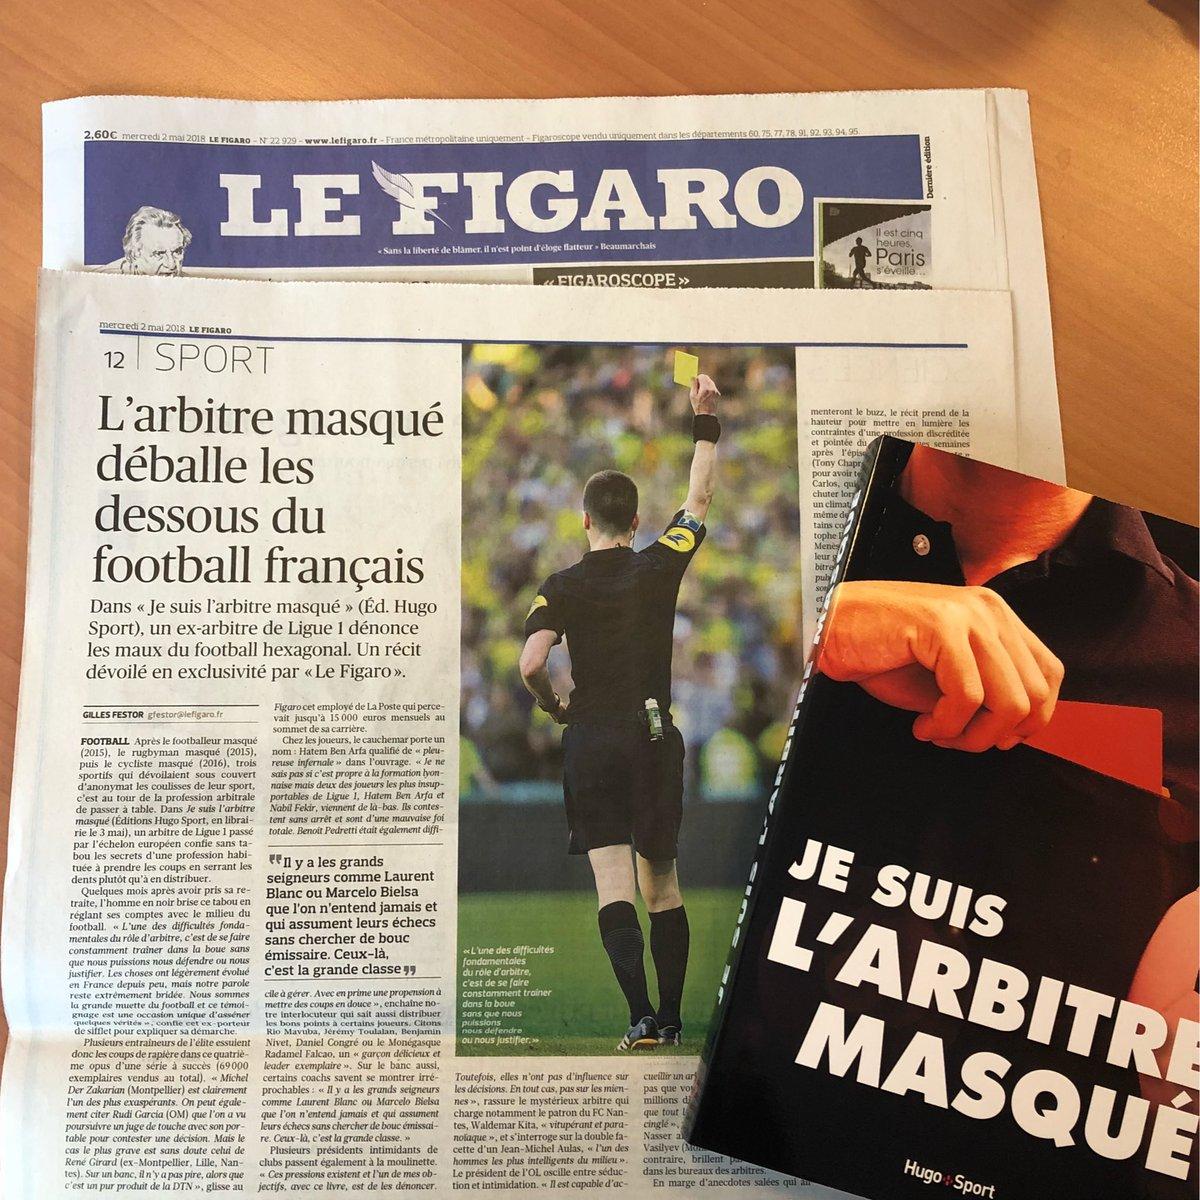 le magasin dernière collection braderie Hugo Sport on Twitter: